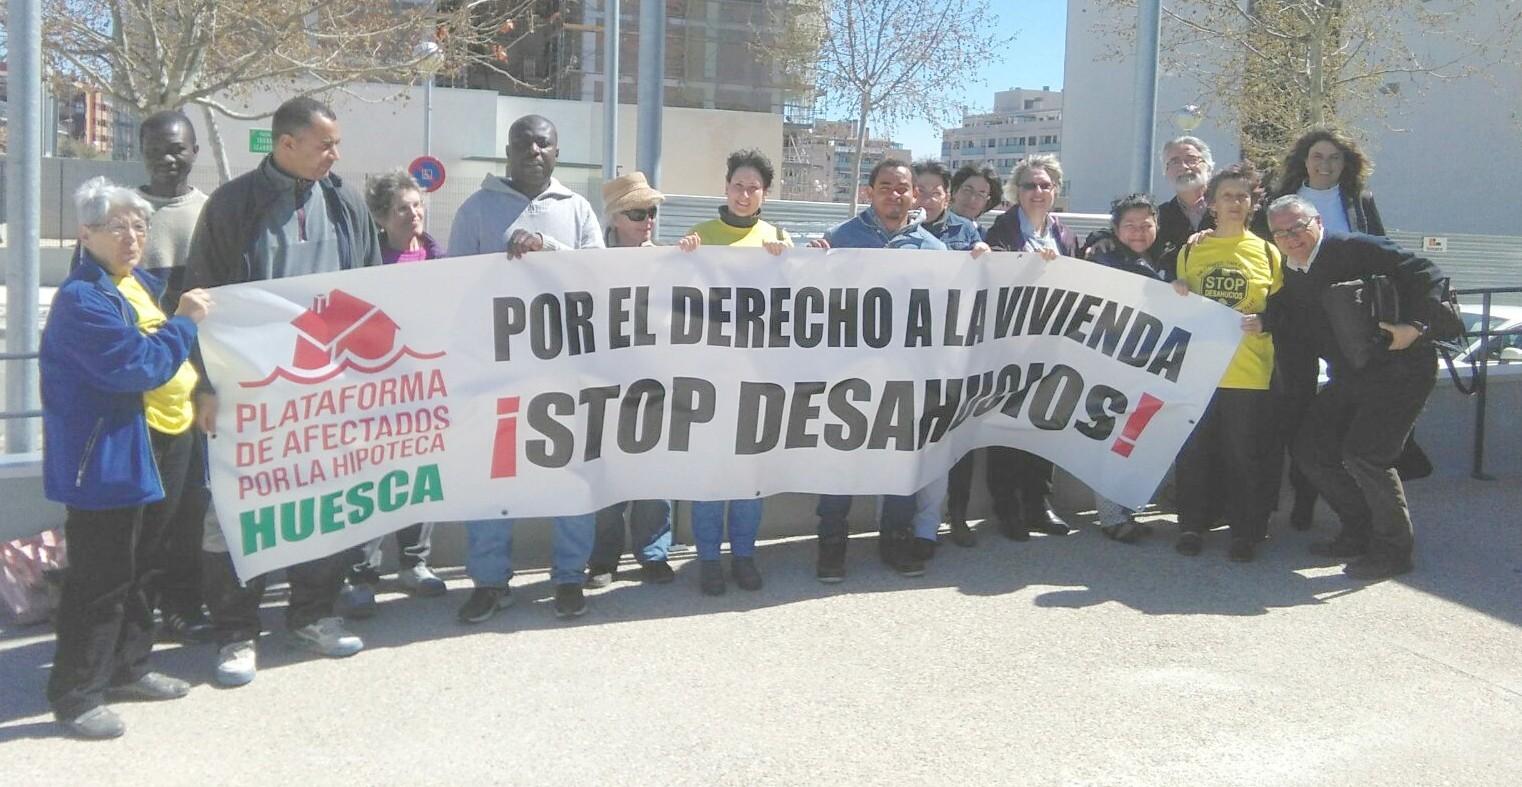 Nueva sentencia contra ibercaja en huesca por la cl usula for Sentencia clausula suelo 2016